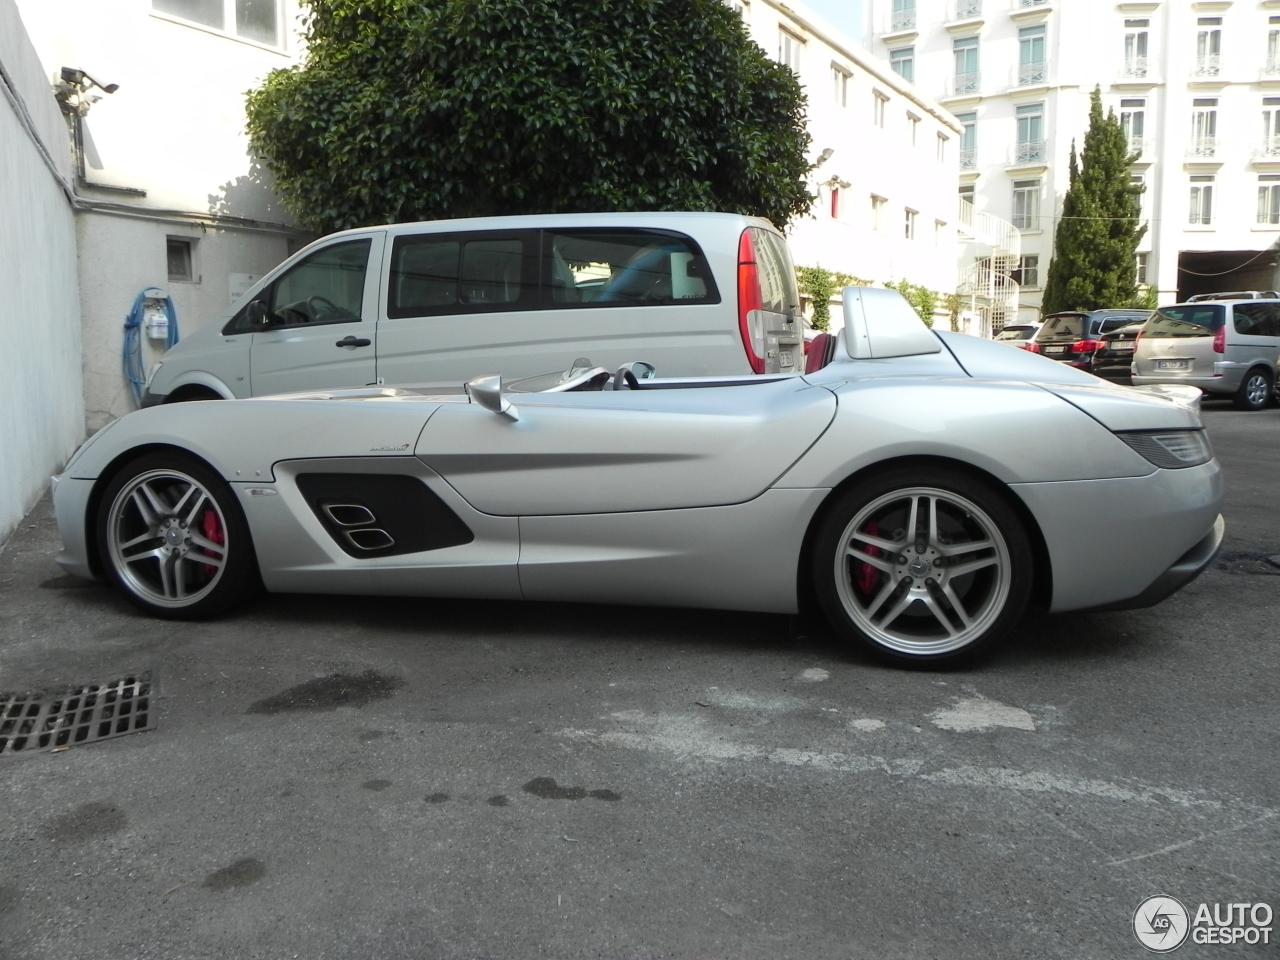 Mercedes benz slr mclaren stirling moss 22 july 2013 for Moss motors mercedes benz